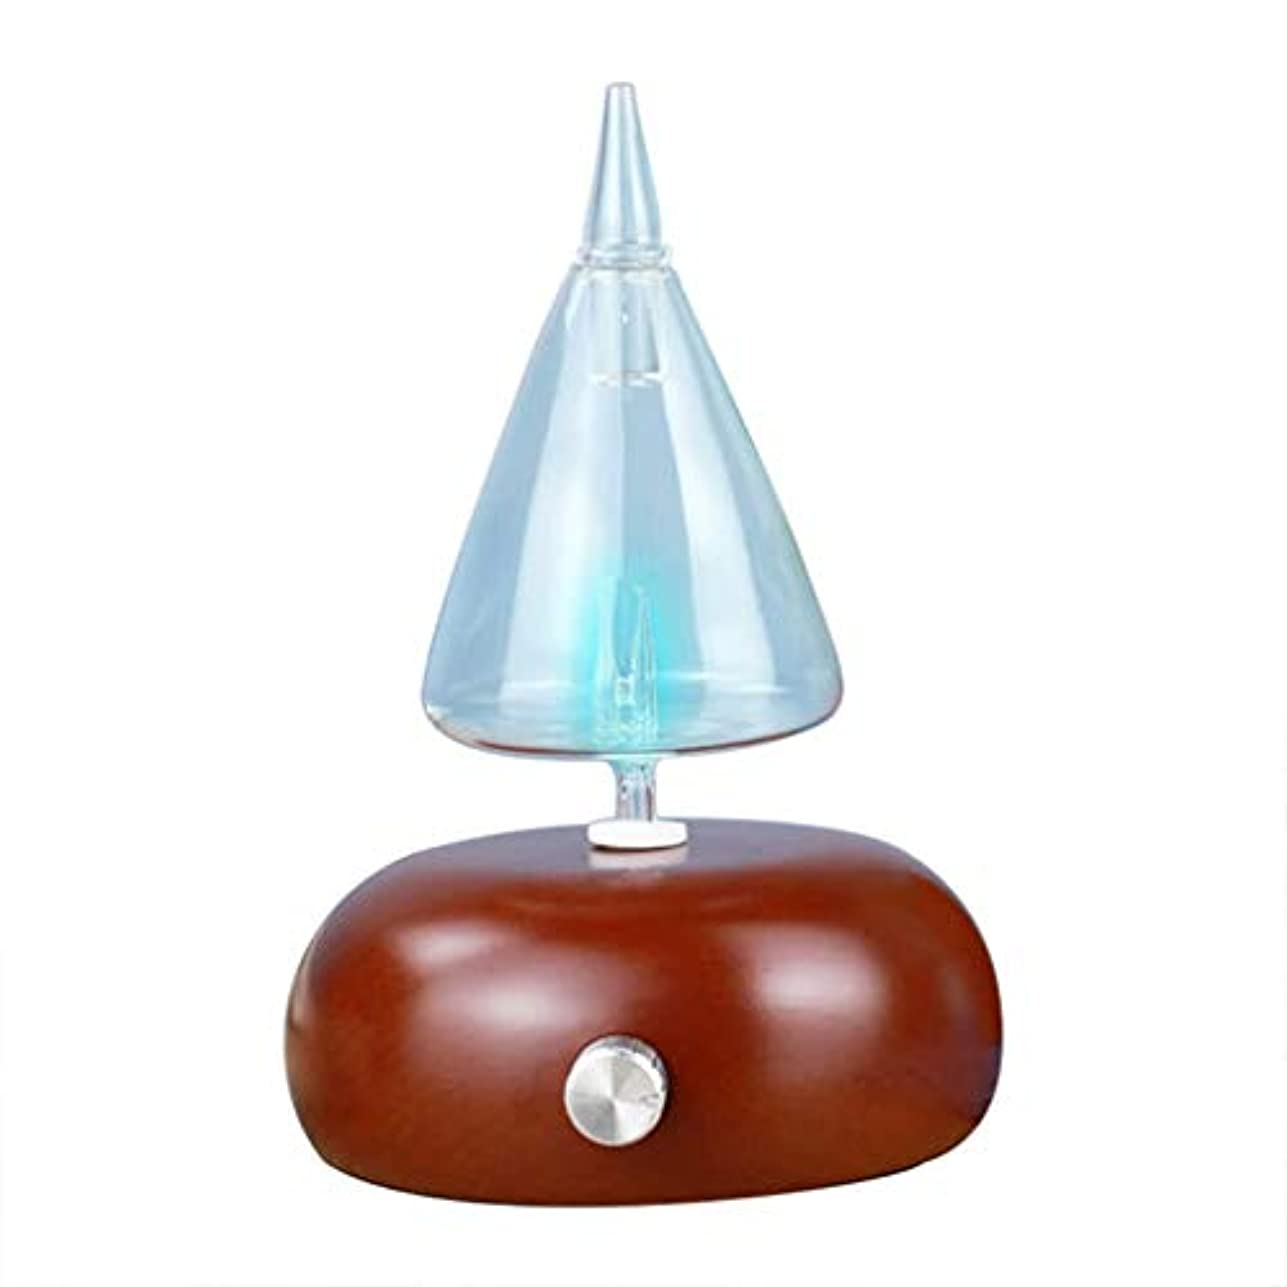 意義ディスクコカインアロマテラピーマシン、ガラスエッセンシャルオイルディフューザー、超音波加湿器、ウッドグレインアロマテラピーディフューザーマシン、LEDライトを変える7色